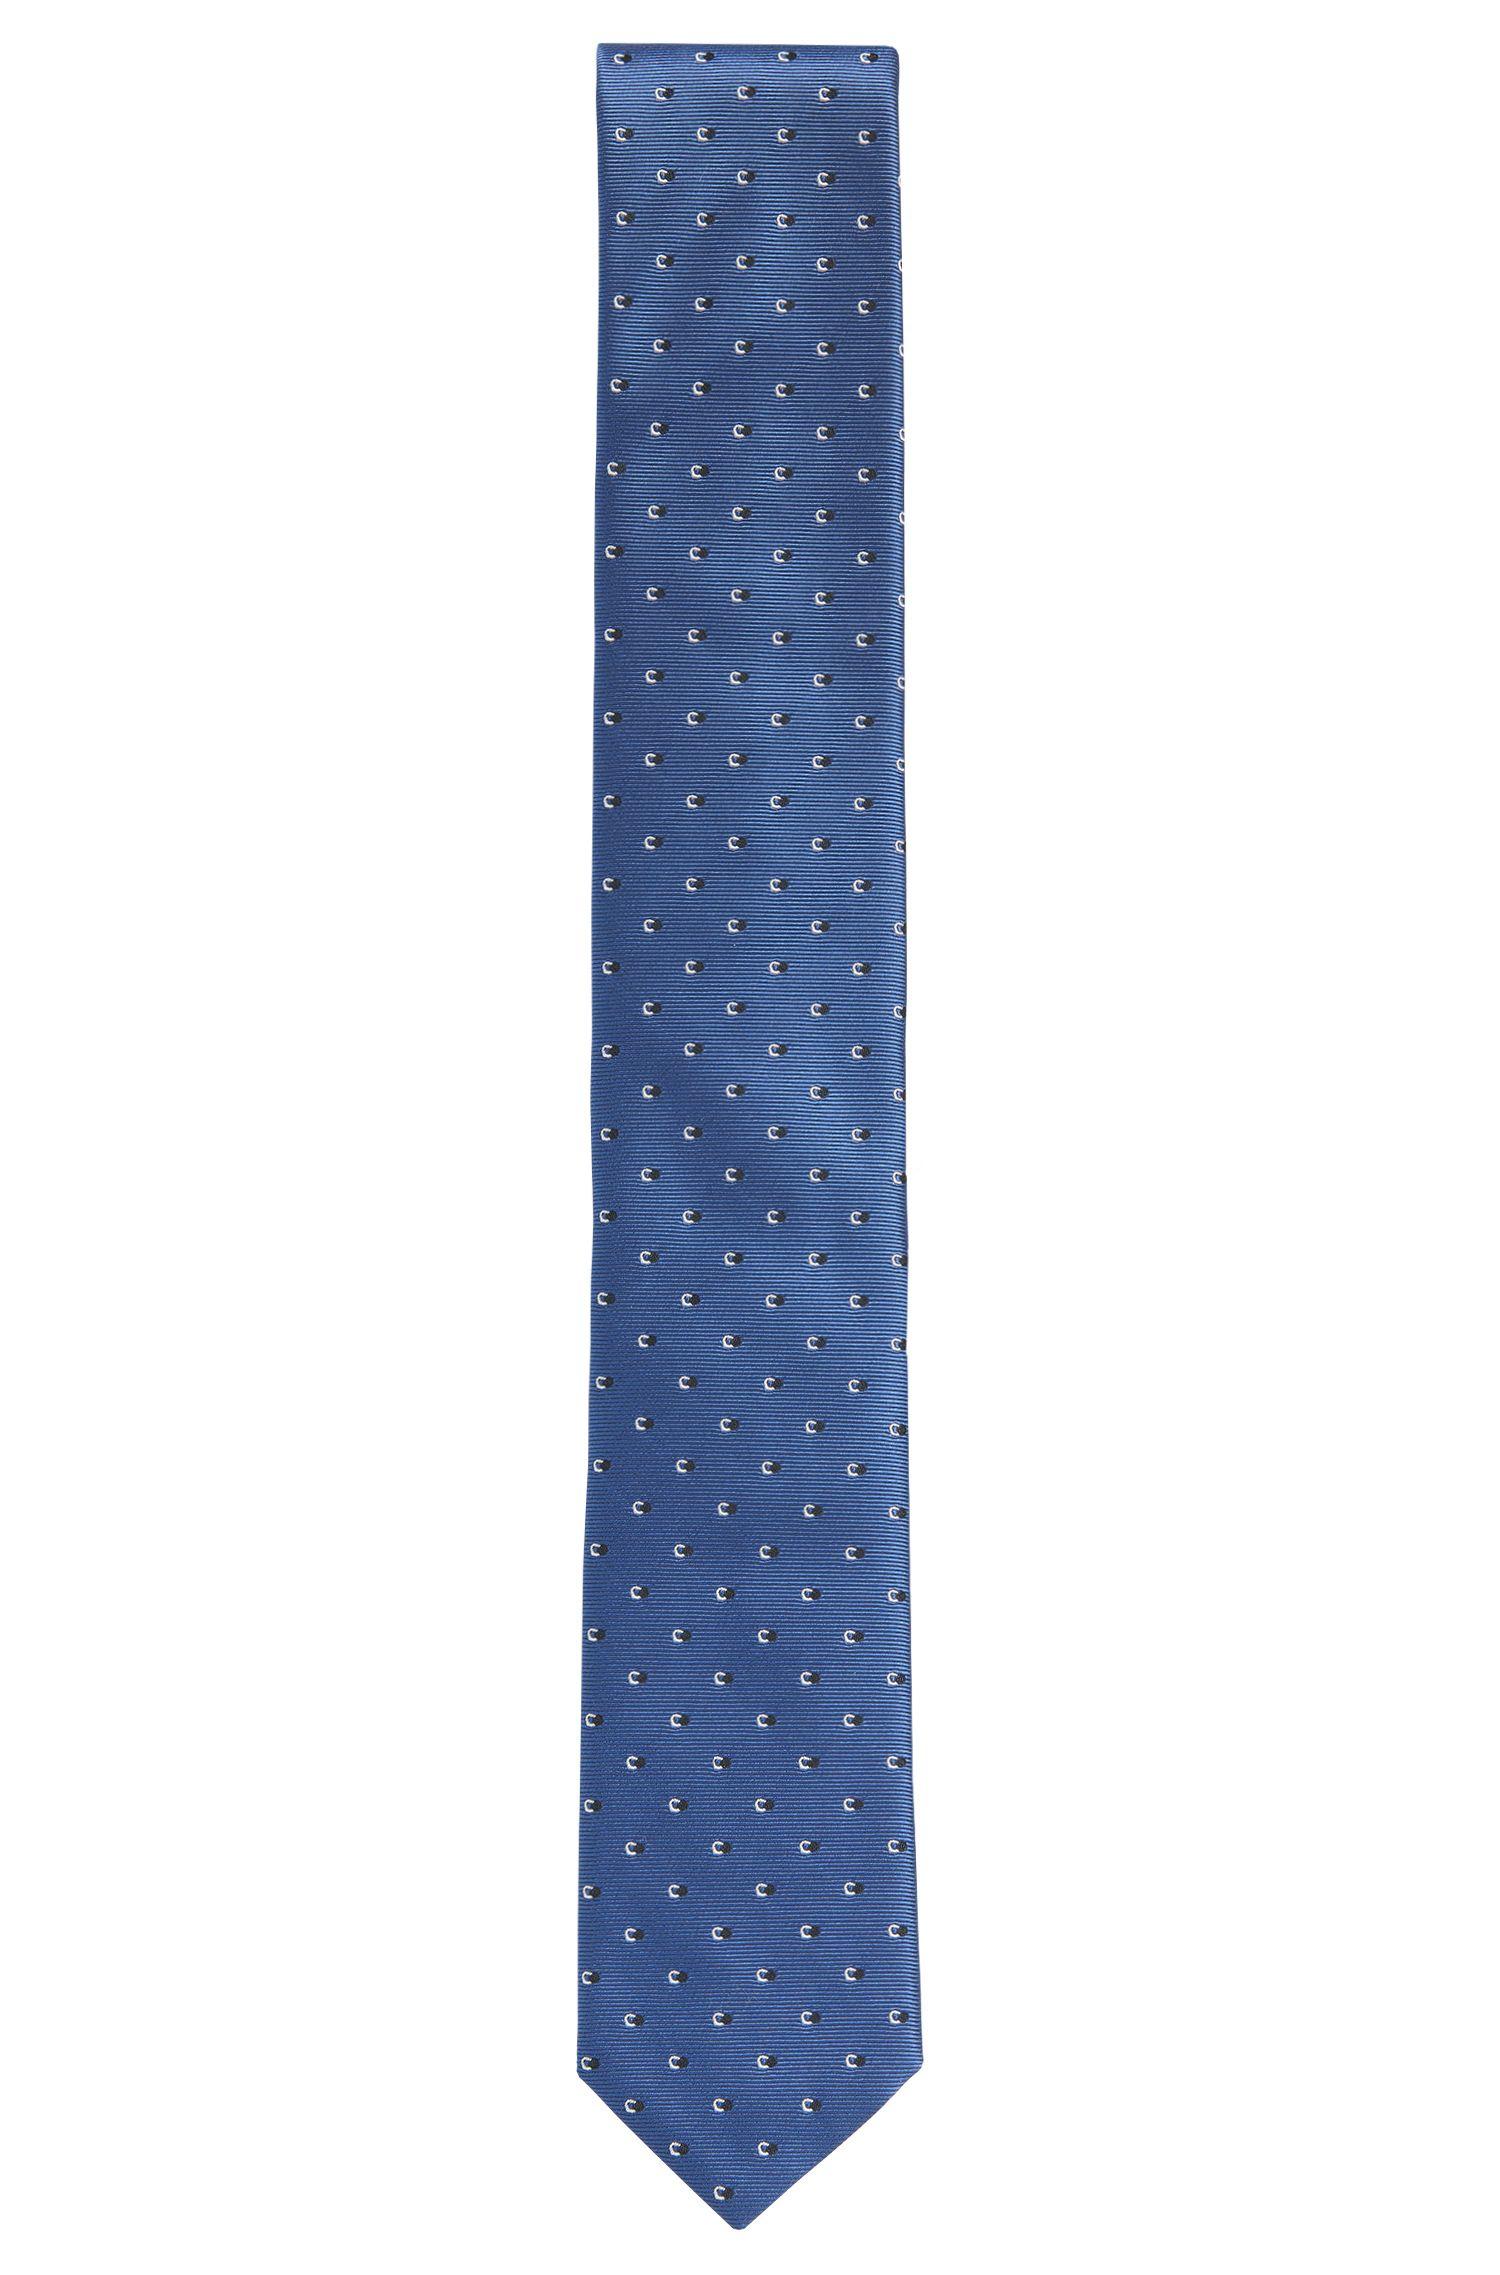 Allover gemusterte Krawatte aus Seide: 'Tie 6 cm'